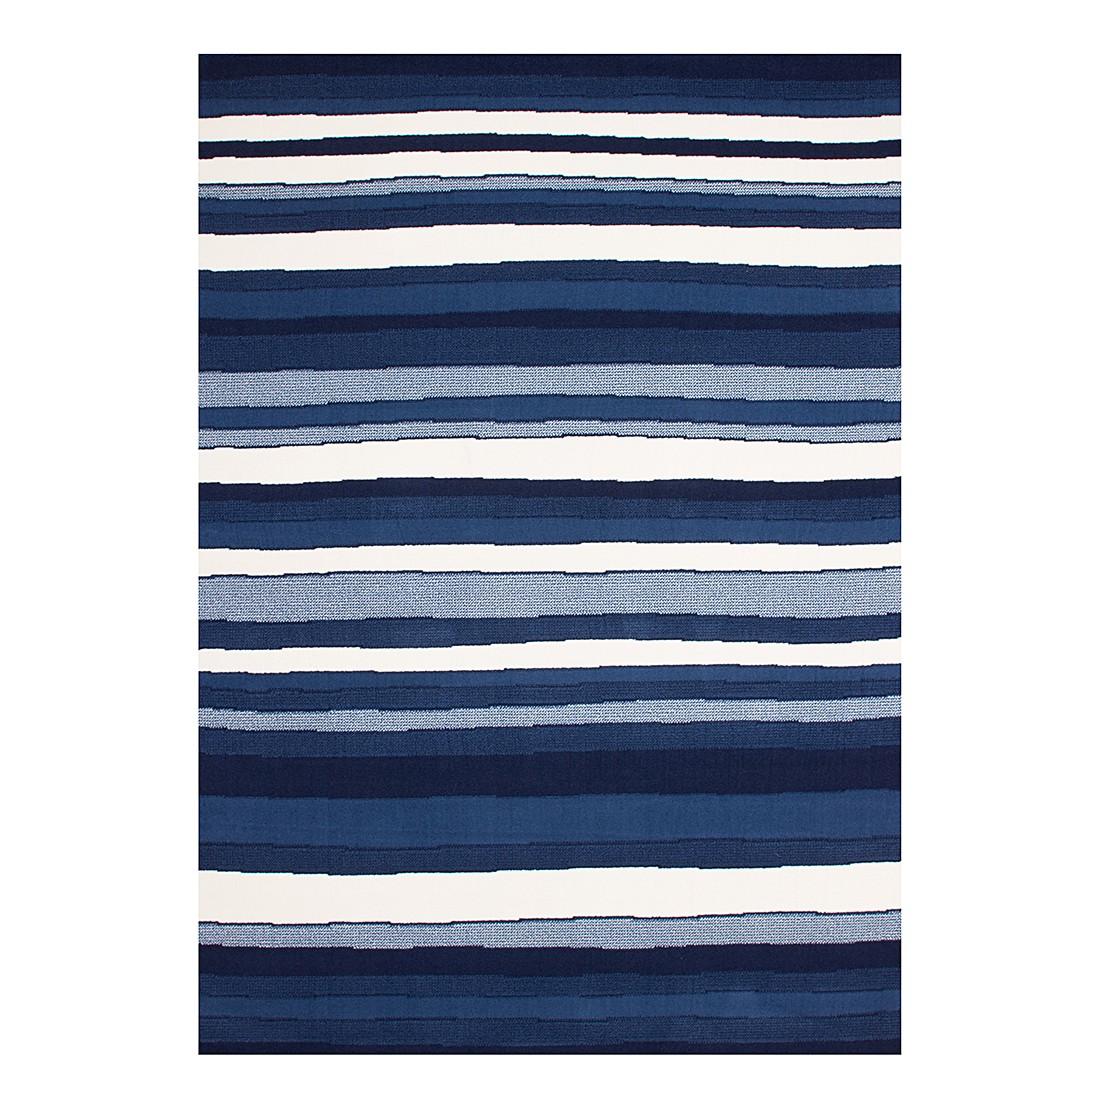 Teppich Space – Blau – 120 x 170 cm, Kayoom günstig bestellen